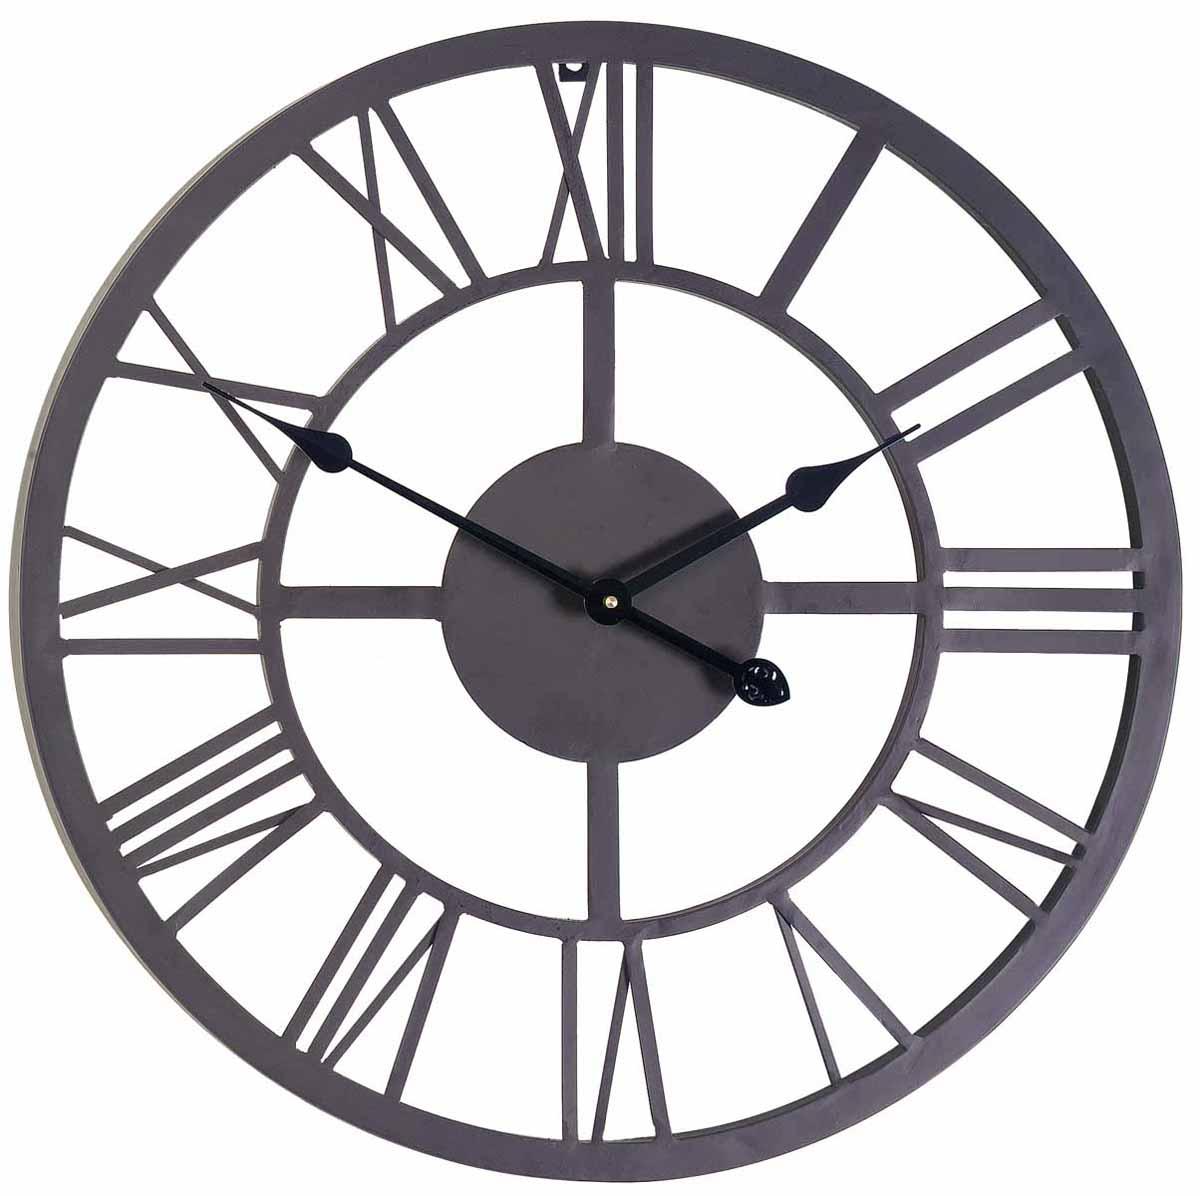 Часы настенные Gardman Римские, цвет: черный, диаметр 56 см. 1717617176Кварцевые настенные часы Gardman Римские перфорированной конструкции выполнены из металла, окрашенного в черный цвет. Такие часы отлично украсят интерьер гостиной, офиса или сада. Подходят для уличного декора. Часы оформлены римскими цифрами и имеют две стрелки - часовую и минутную. Часы Gardman Римские станут замечательным дизайнерским решением для декора сада, дачи или гостиной дома. Характеристики: Материал: металл. Цвет: черный. Диаметр часов: 56 см. Рекомендуется докупить одну батарейку типа АА (в комплект не входит). Товары для садоводства от Gardman - это вещи, сделанные с любовью, с истинно английской практичностью, основанной на глубоких традициях садоводства Великобритании. Эти товары широко известны садоводам Европы, США, Канады и Японии. Демократичные цены и продуманный ассортимент Gardman завоевал признательность и российского покупателя, достойного хороших, качественных вещей. В ассортименте Gardman...